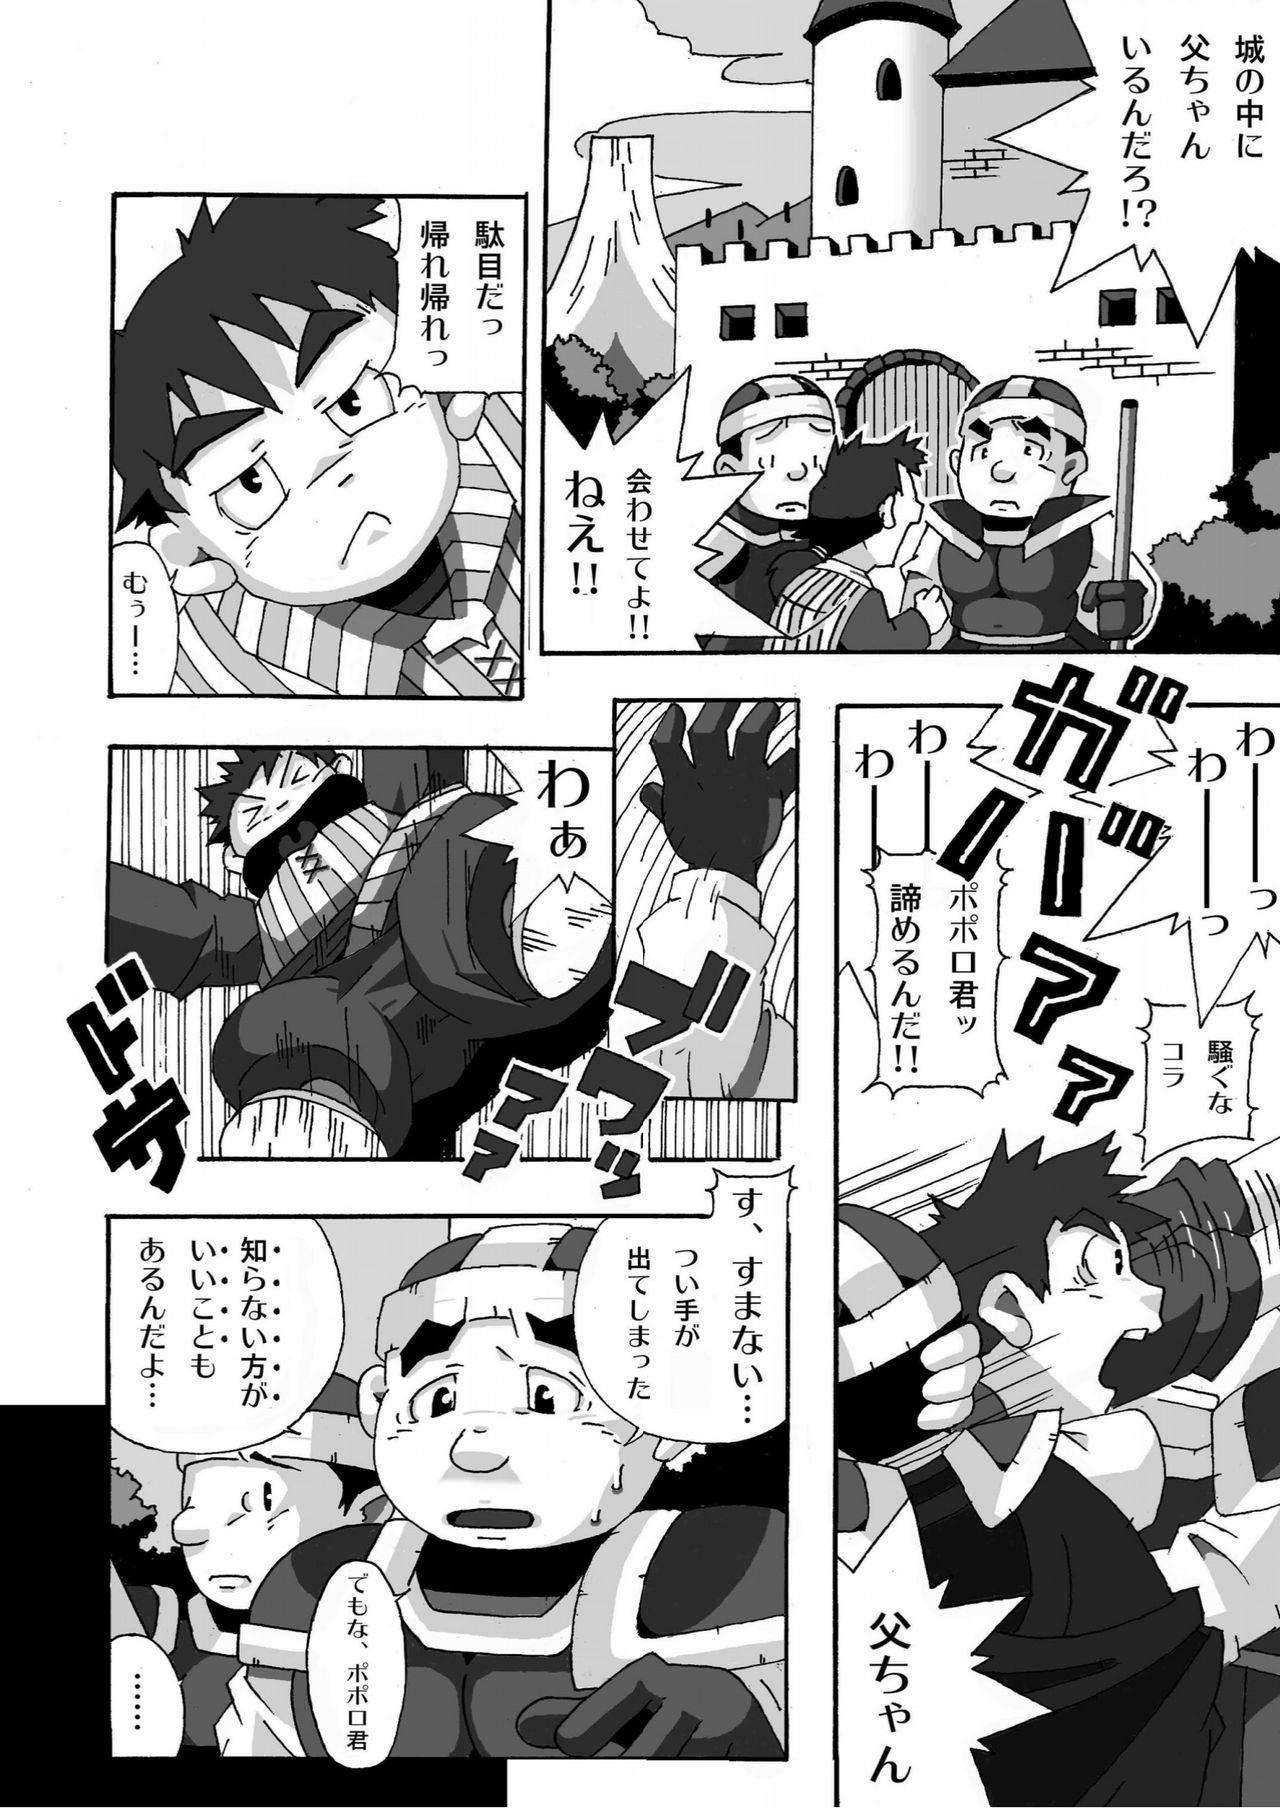 Torneko no Himitsu 17